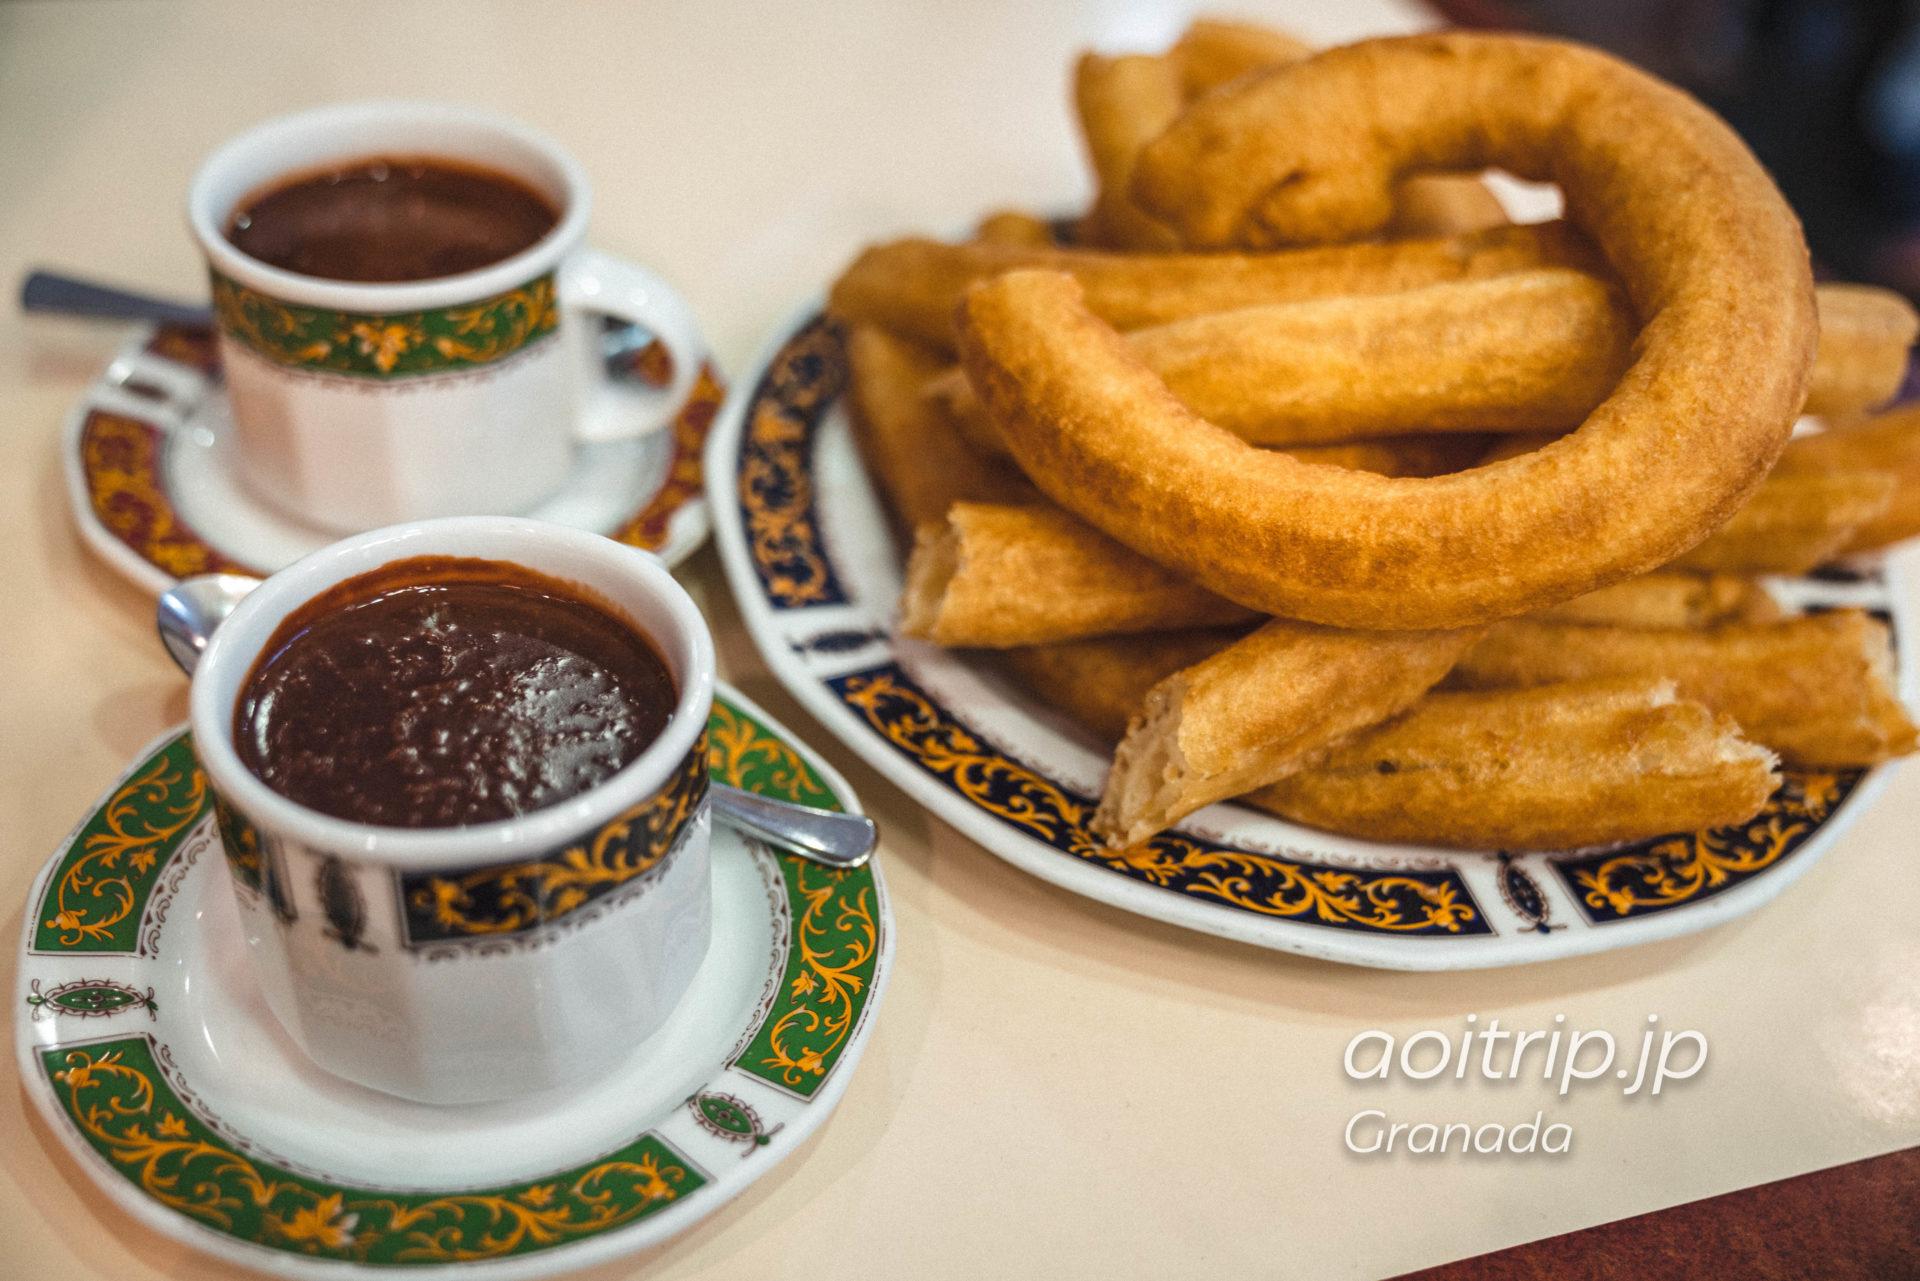 グラナダ Cafetería Alhambraのhocolate con churros